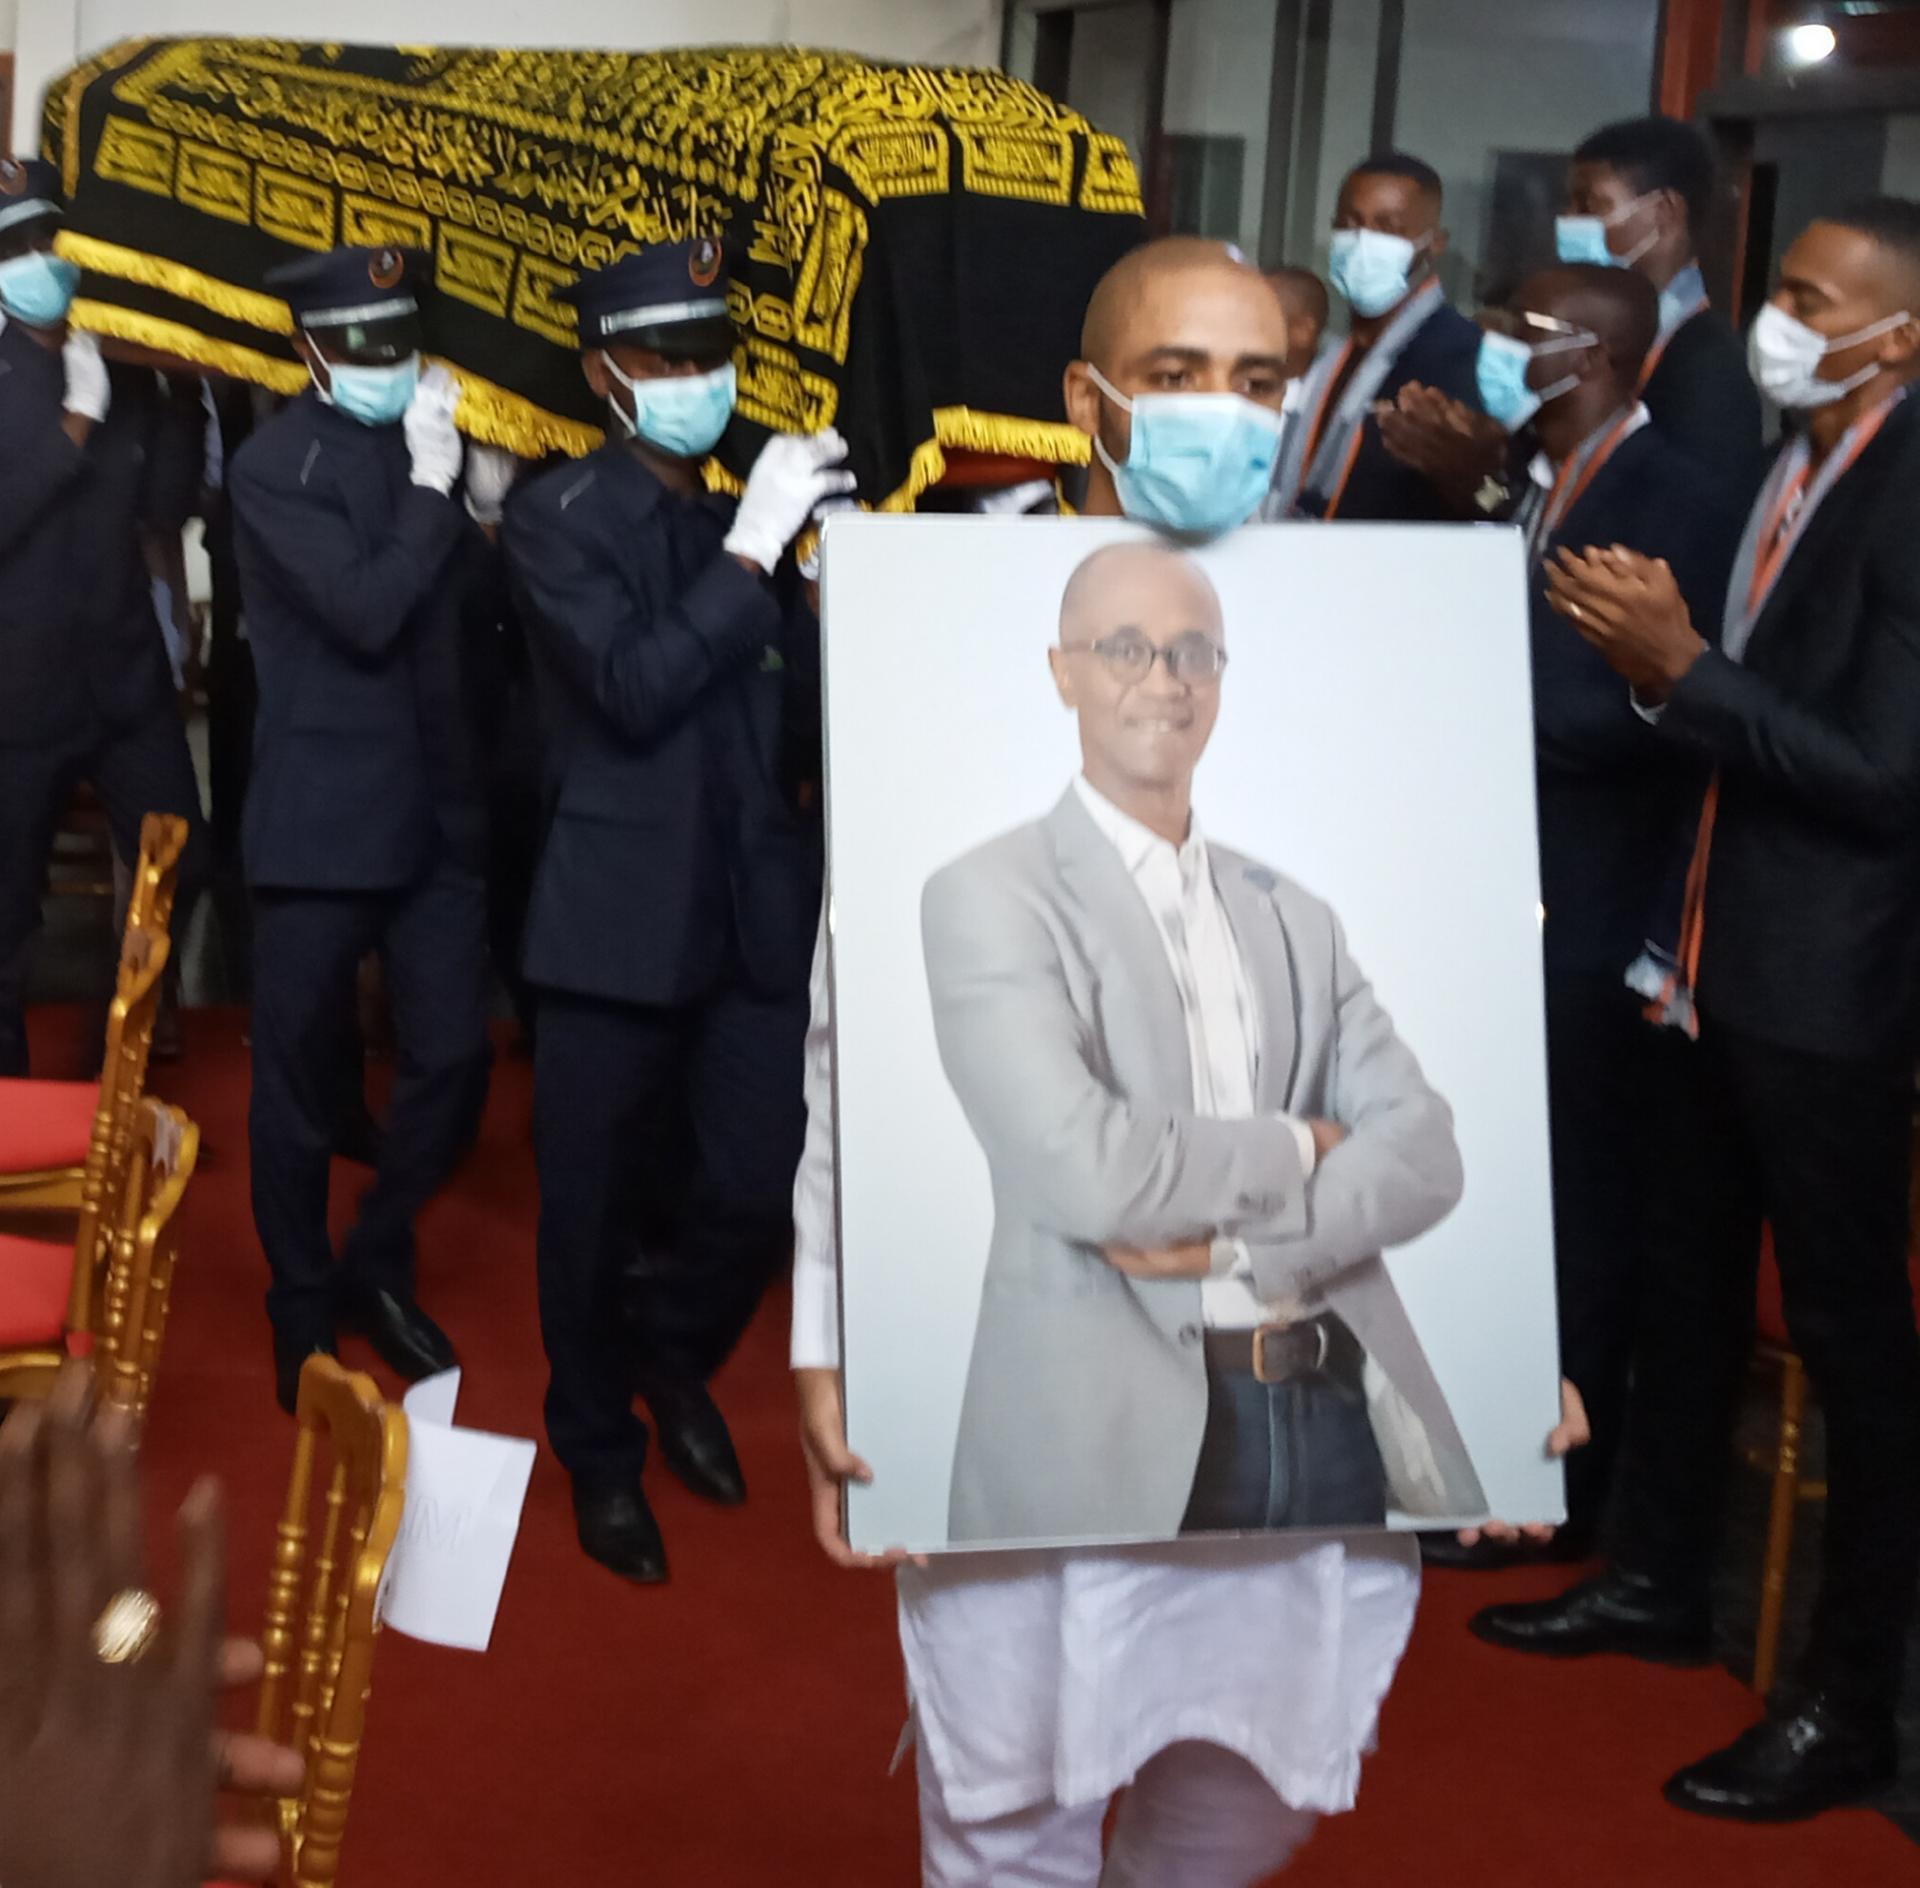 Côte d'Ivoire / Décédé dimanche – Le président des Architectes fait Officier de l'ordre national à titre posthume